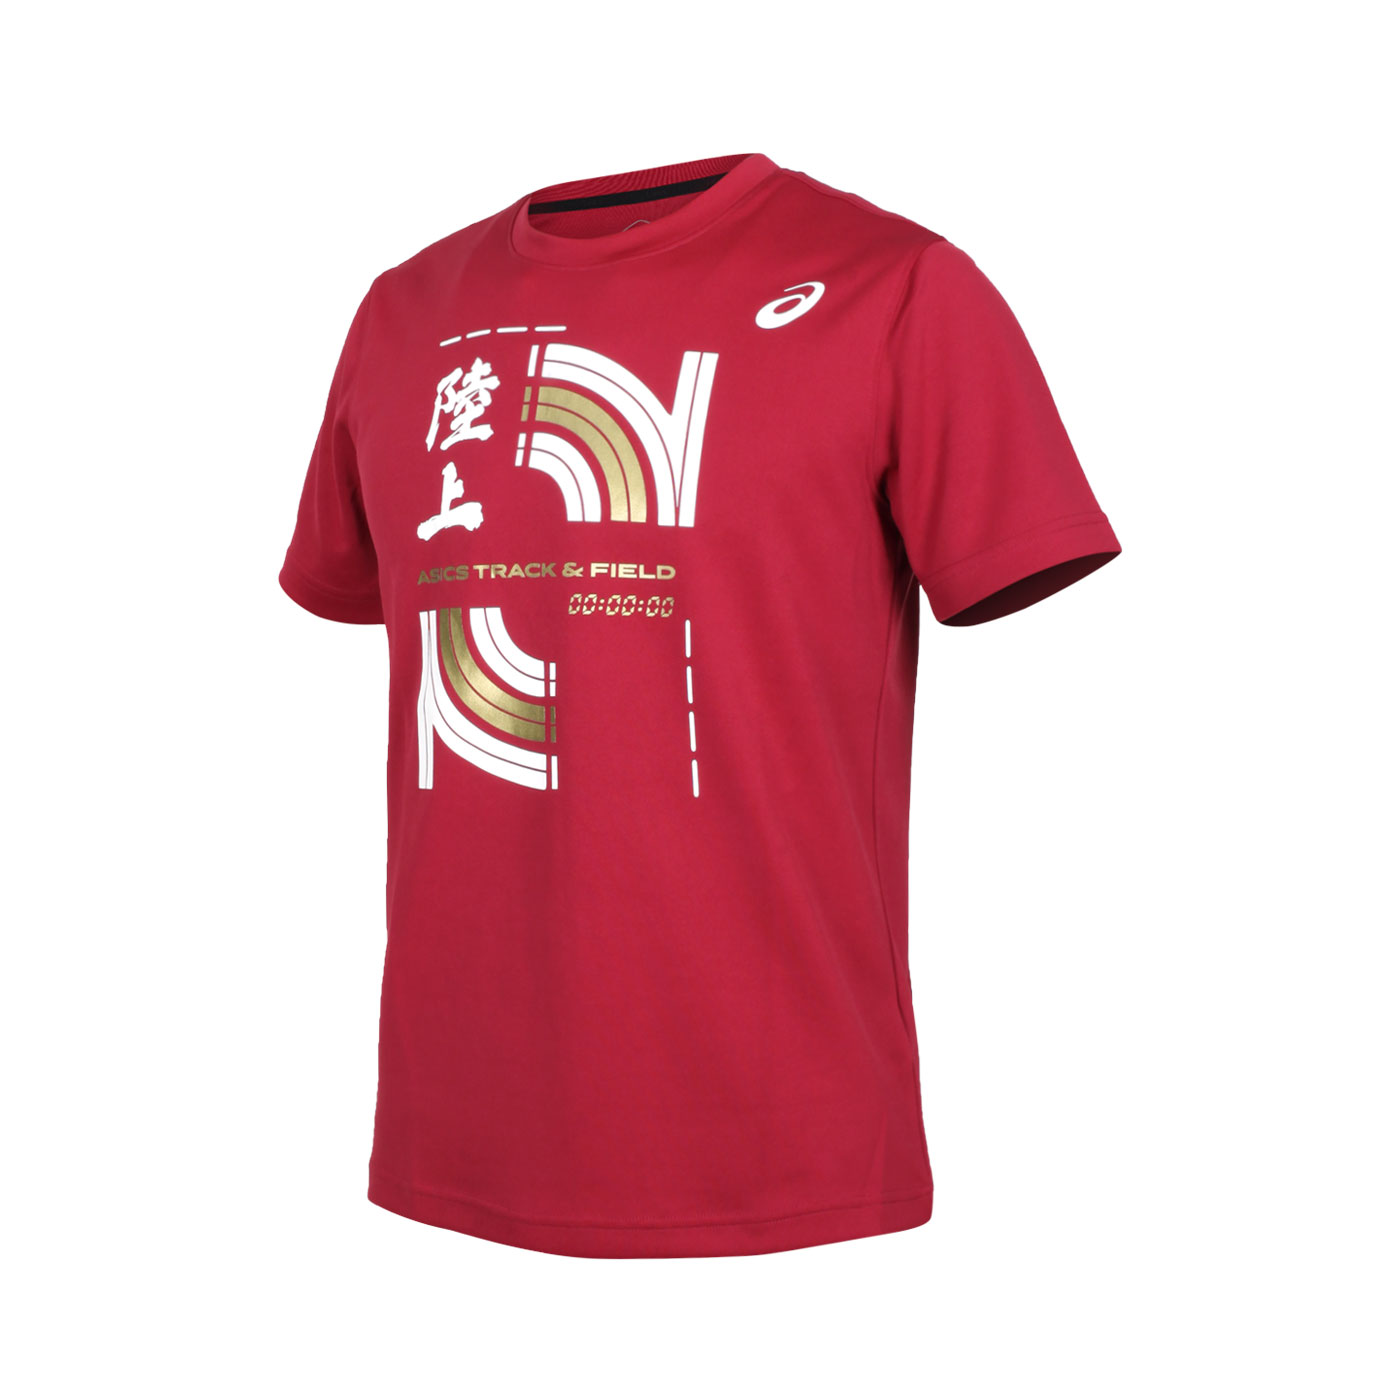 ASICS 男款短袖T恤 2093A127-600 - 紅白金